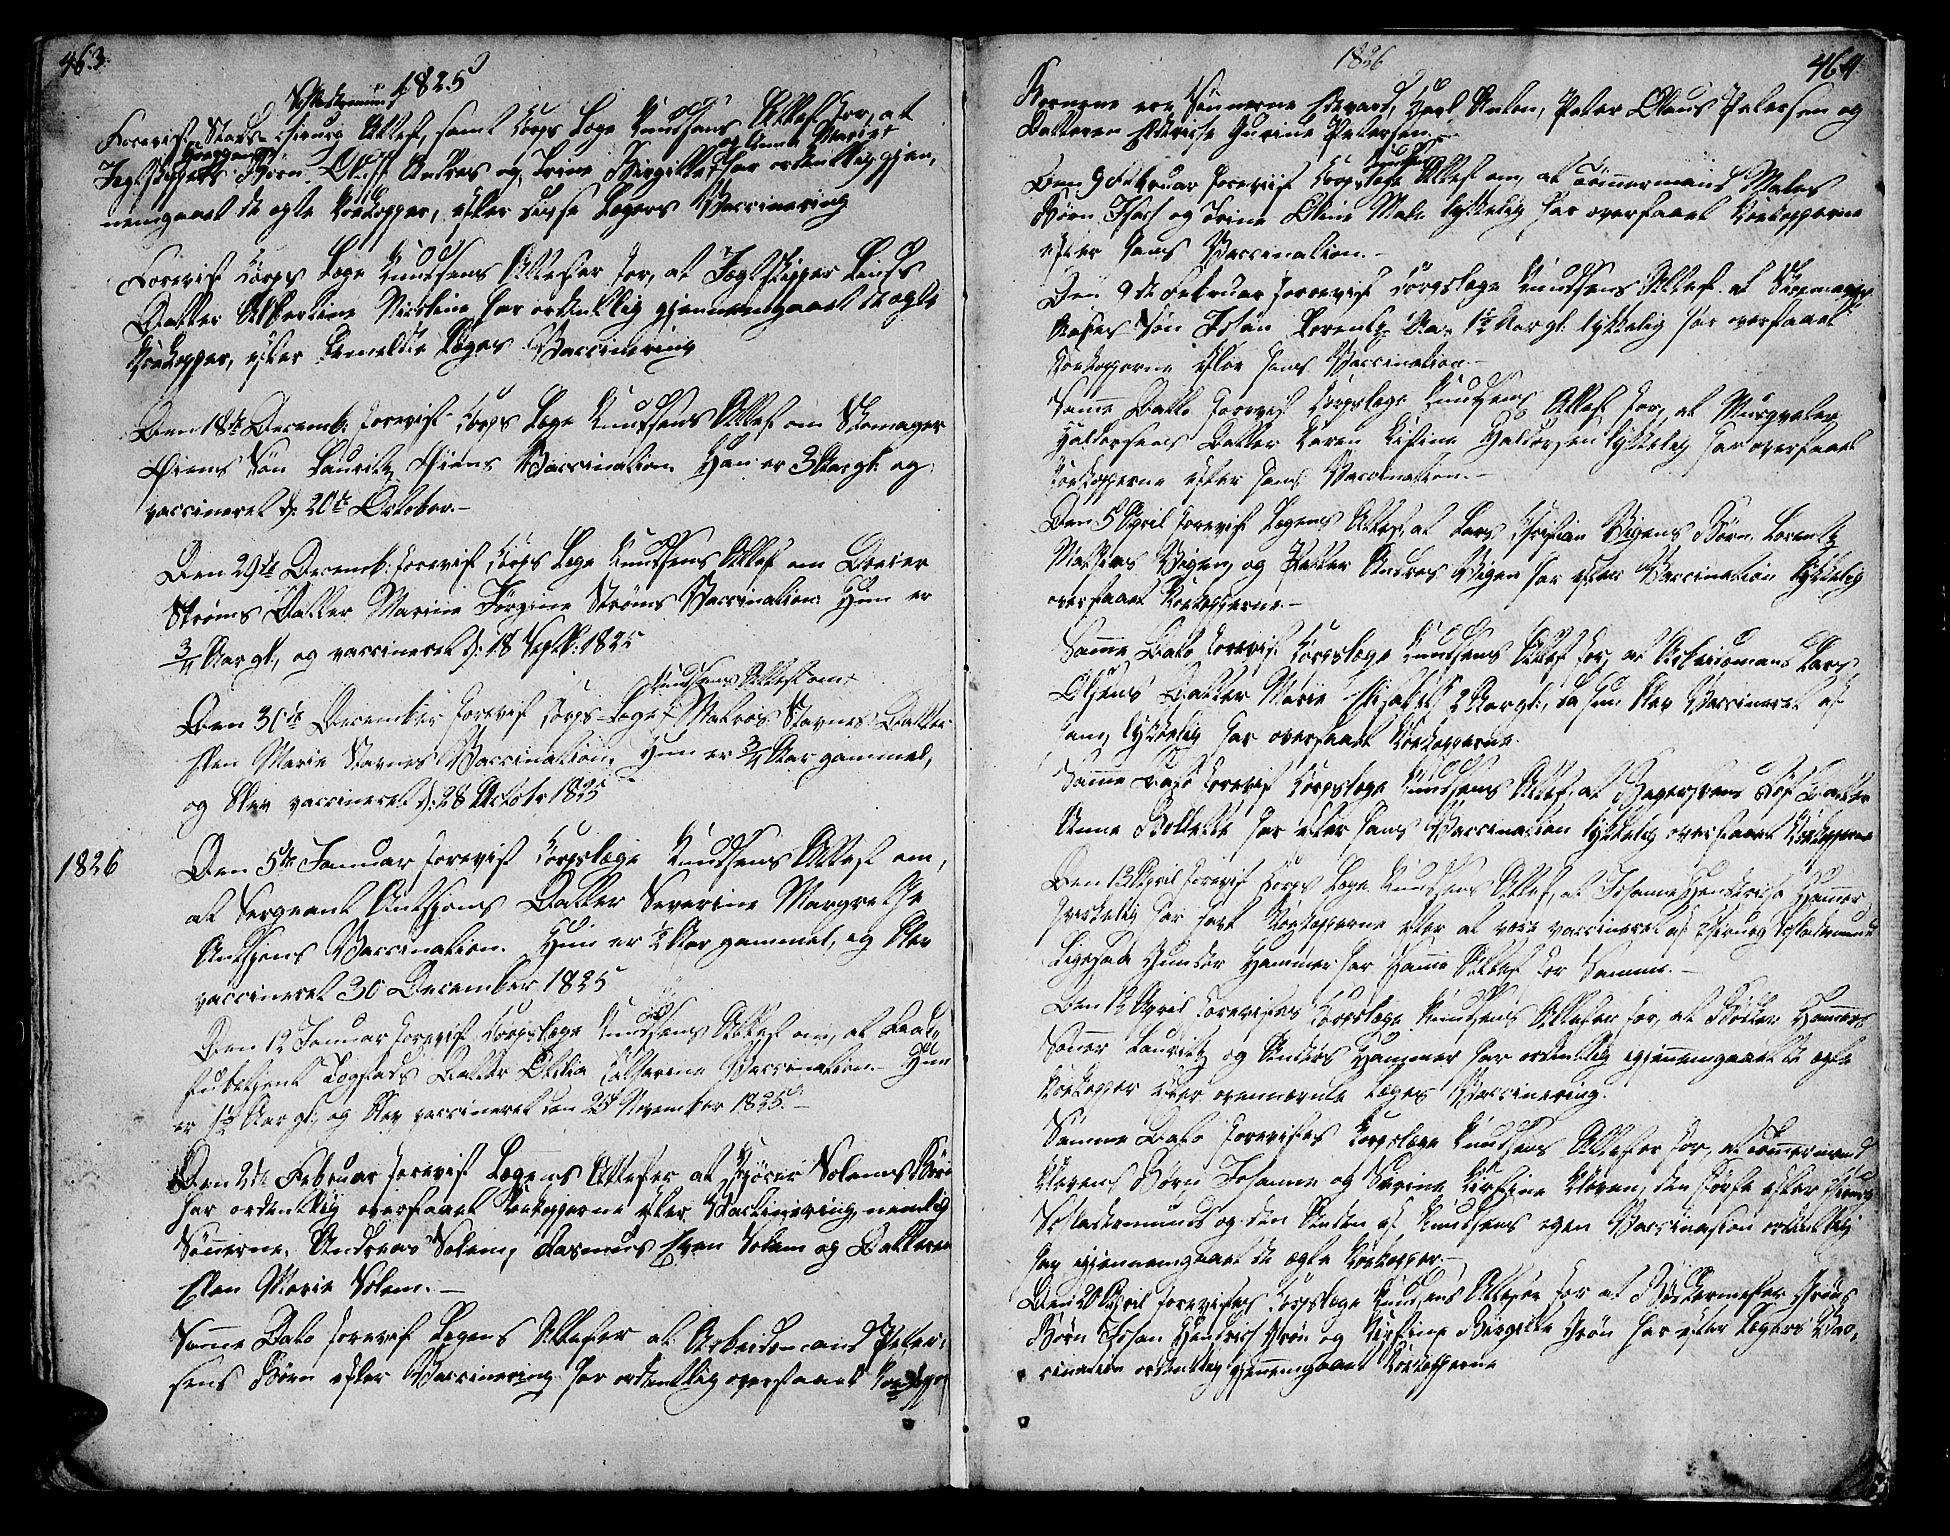 SAT, Ministerialprotokoller, klokkerbøker og fødselsregistre - Sør-Trøndelag, 601/L0042: Ministerialbok nr. 601A10, 1802-1830, s. 463-464